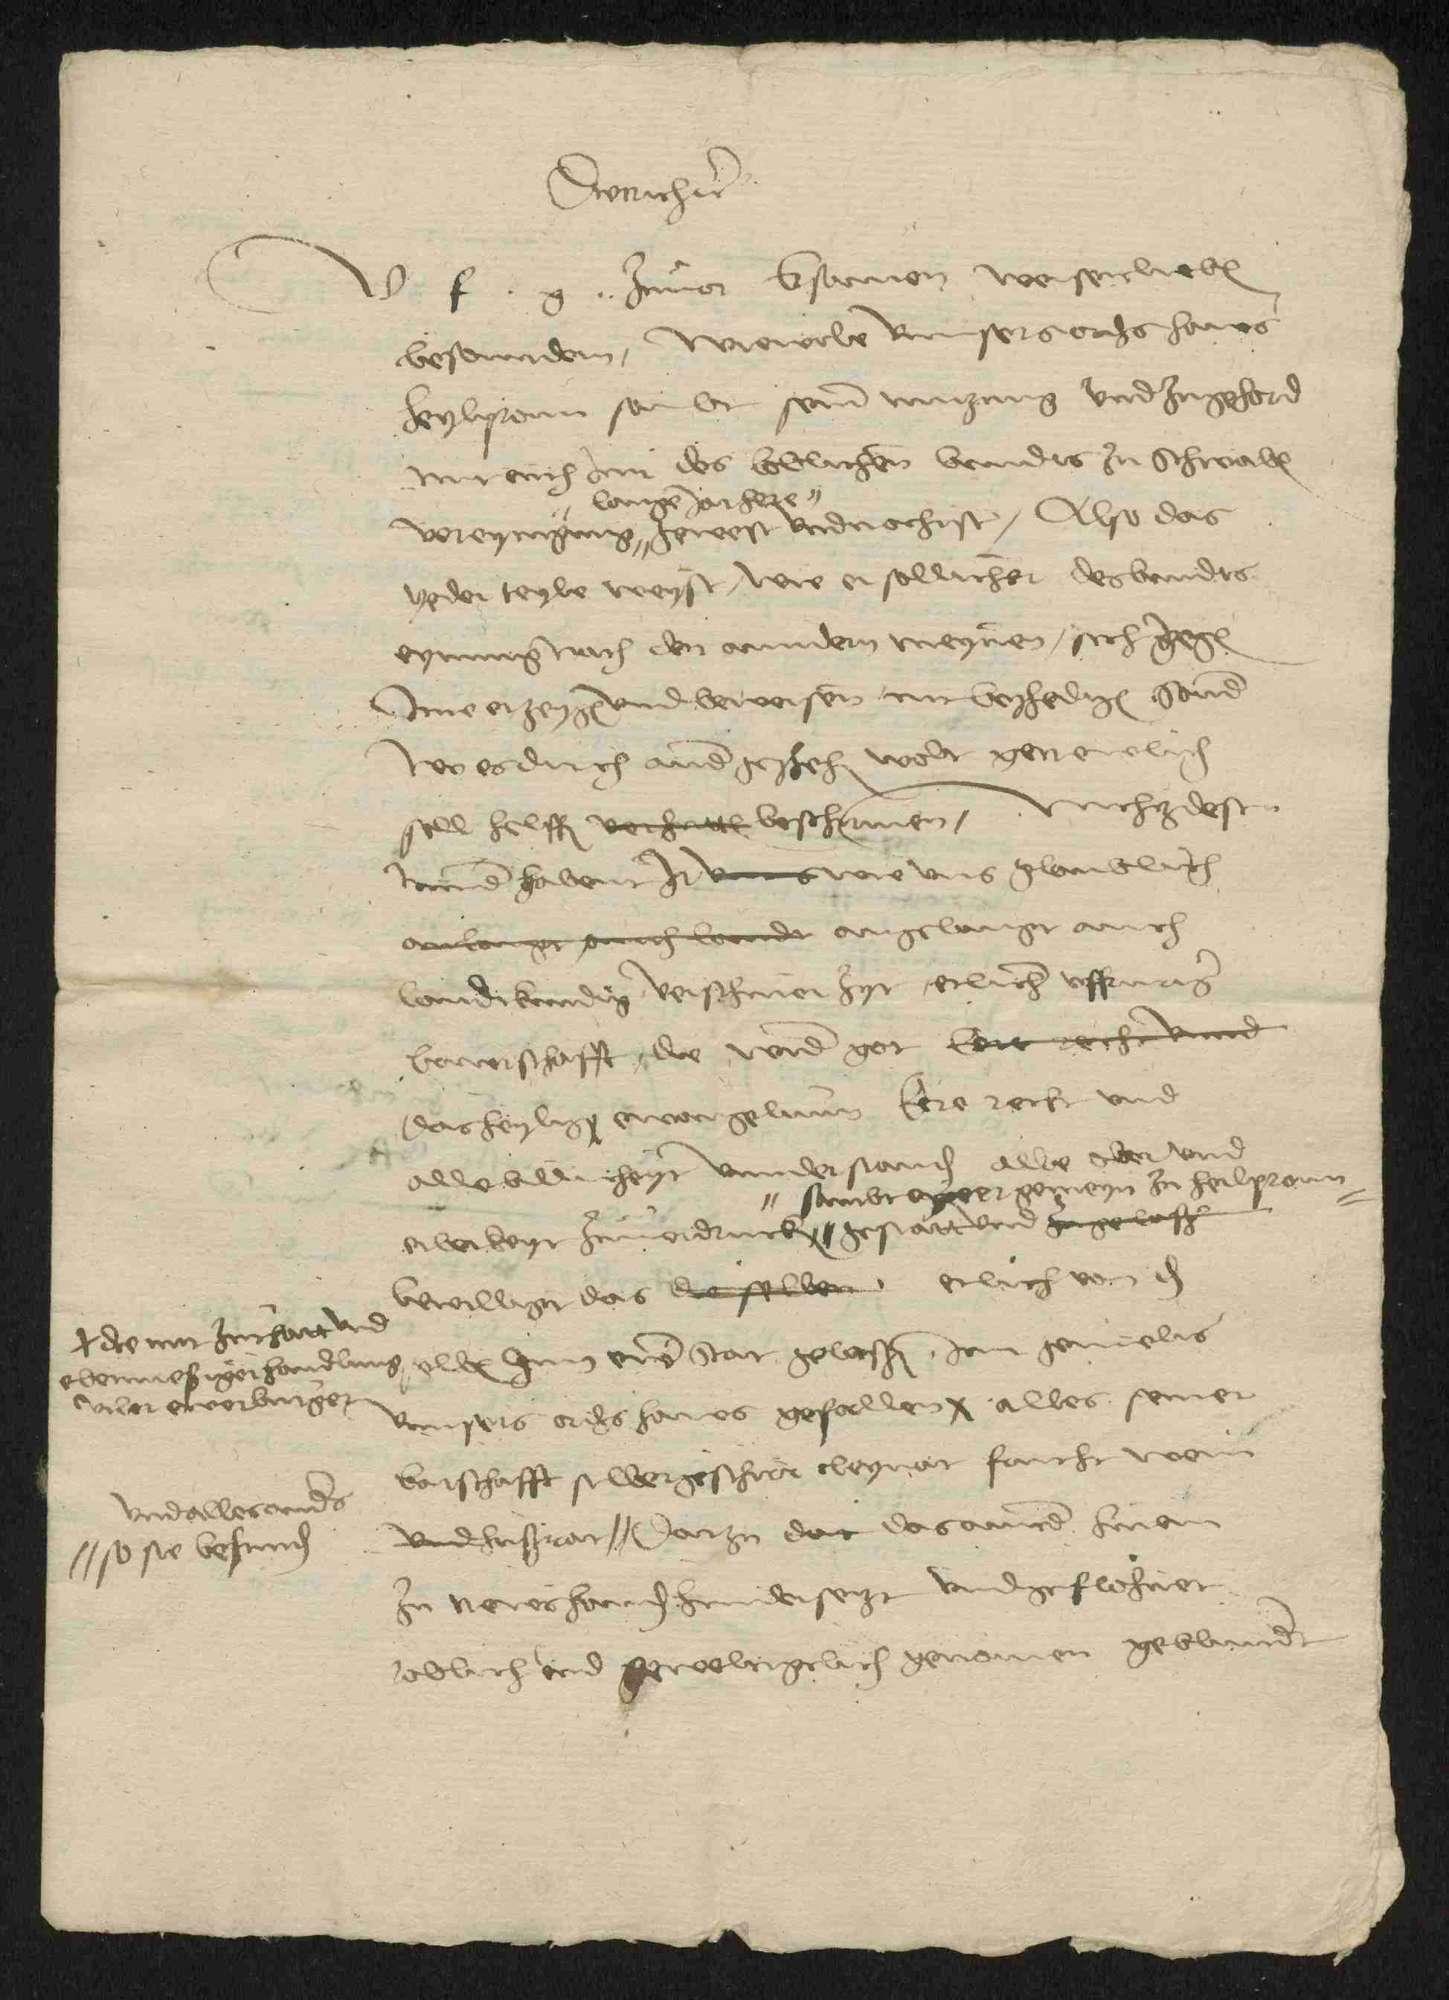 Der vom Deutschen Orden angestrebte Entschädigungsprozess gegen die Reichsstadt Heilbronn, 1525-1566, Bild 3